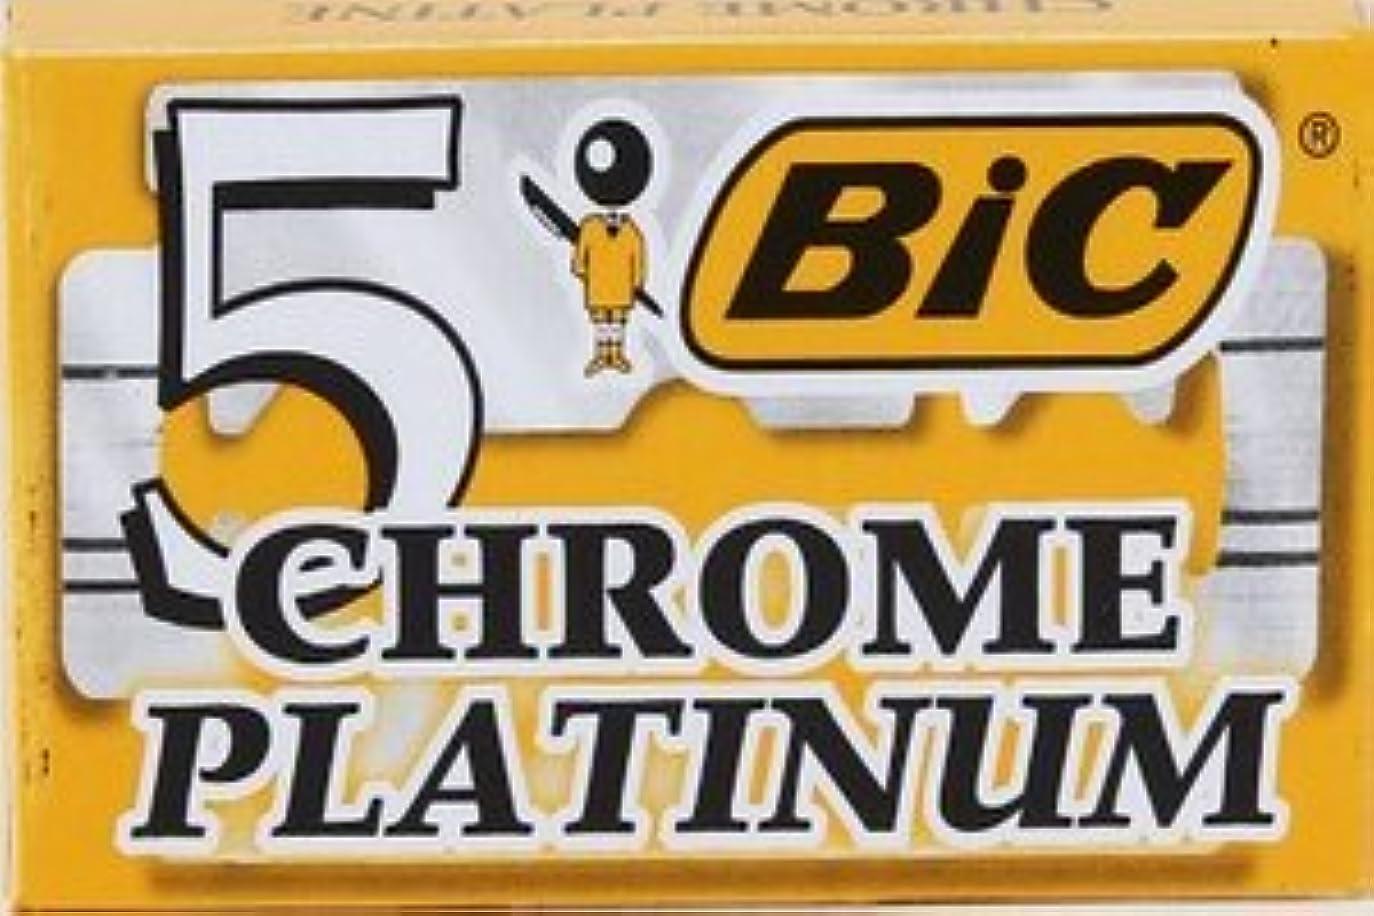 であること精査する羽BIC Chrome Platinum 両刃替刃 5枚入り(5枚入り1 個セット)【並行輸入品】